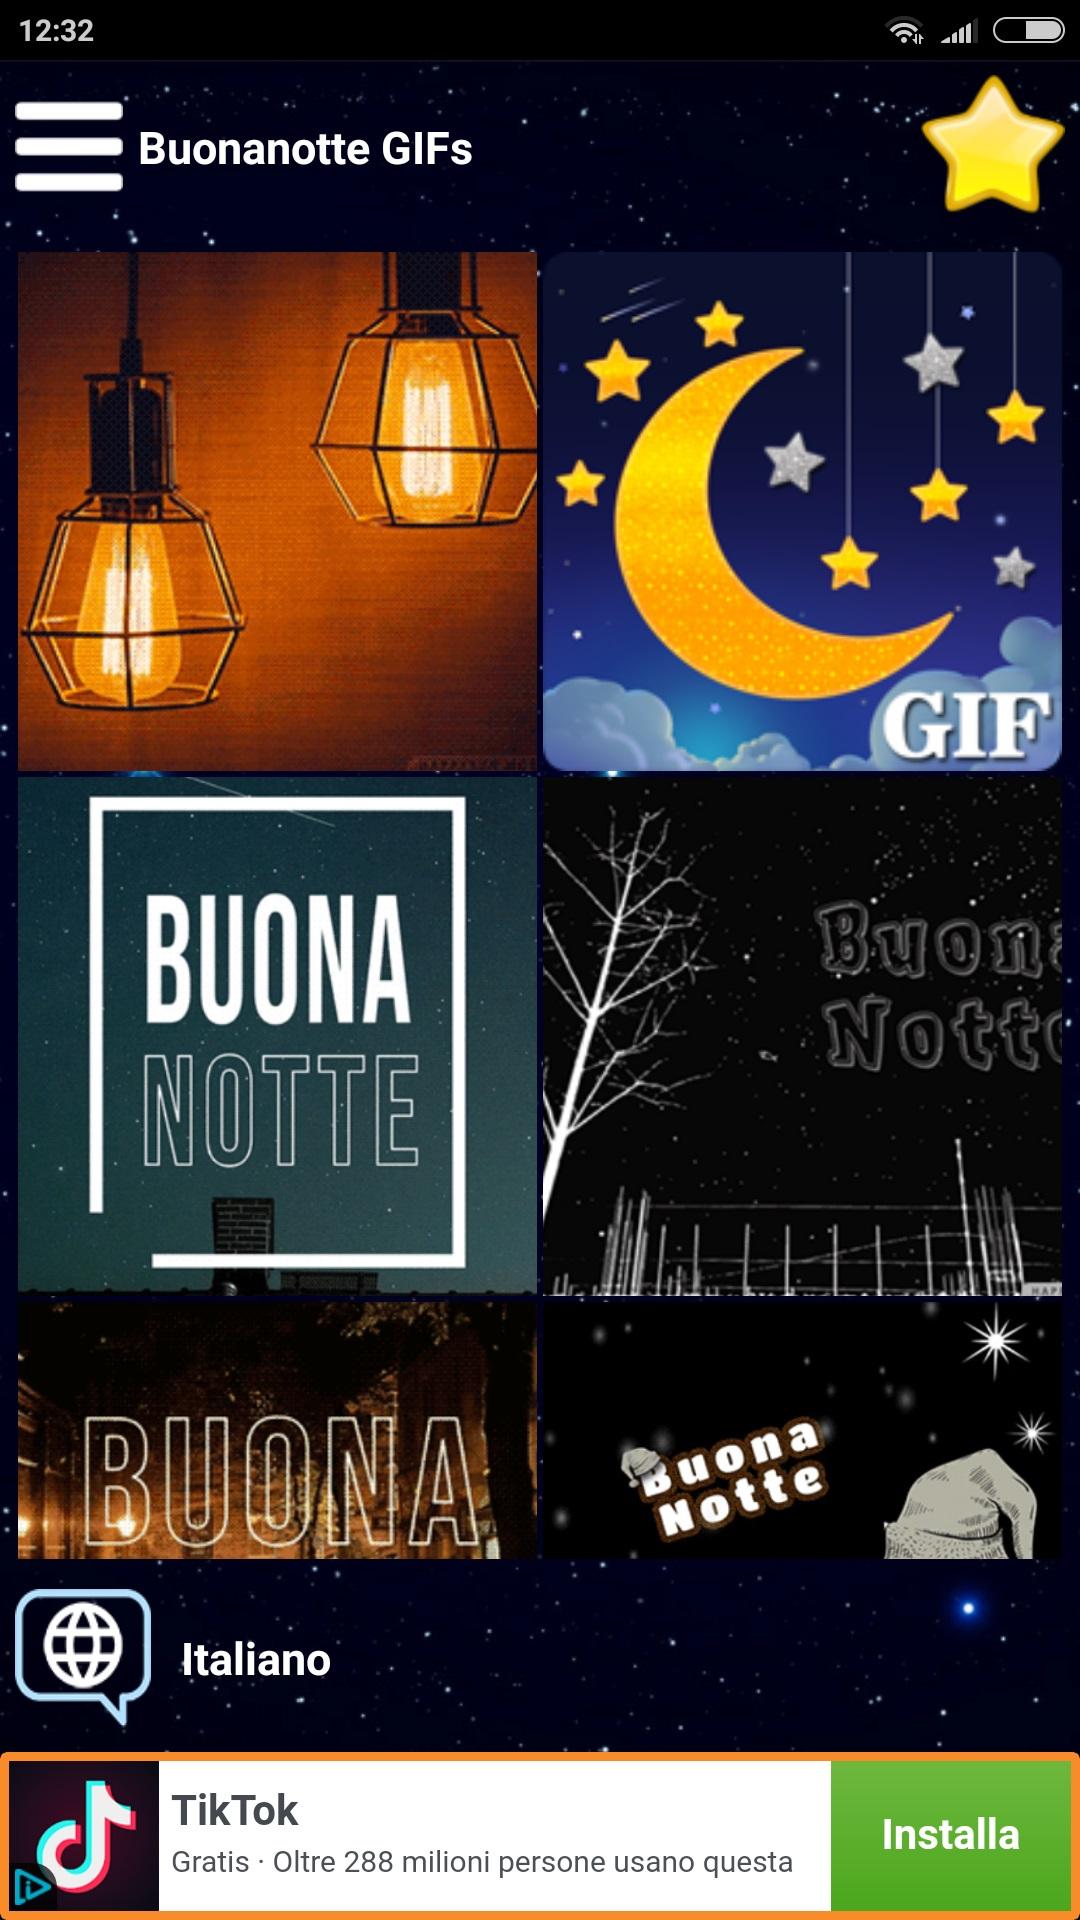 L App Buonanotte Gif Permette Di Augurare La Buonanotte Con